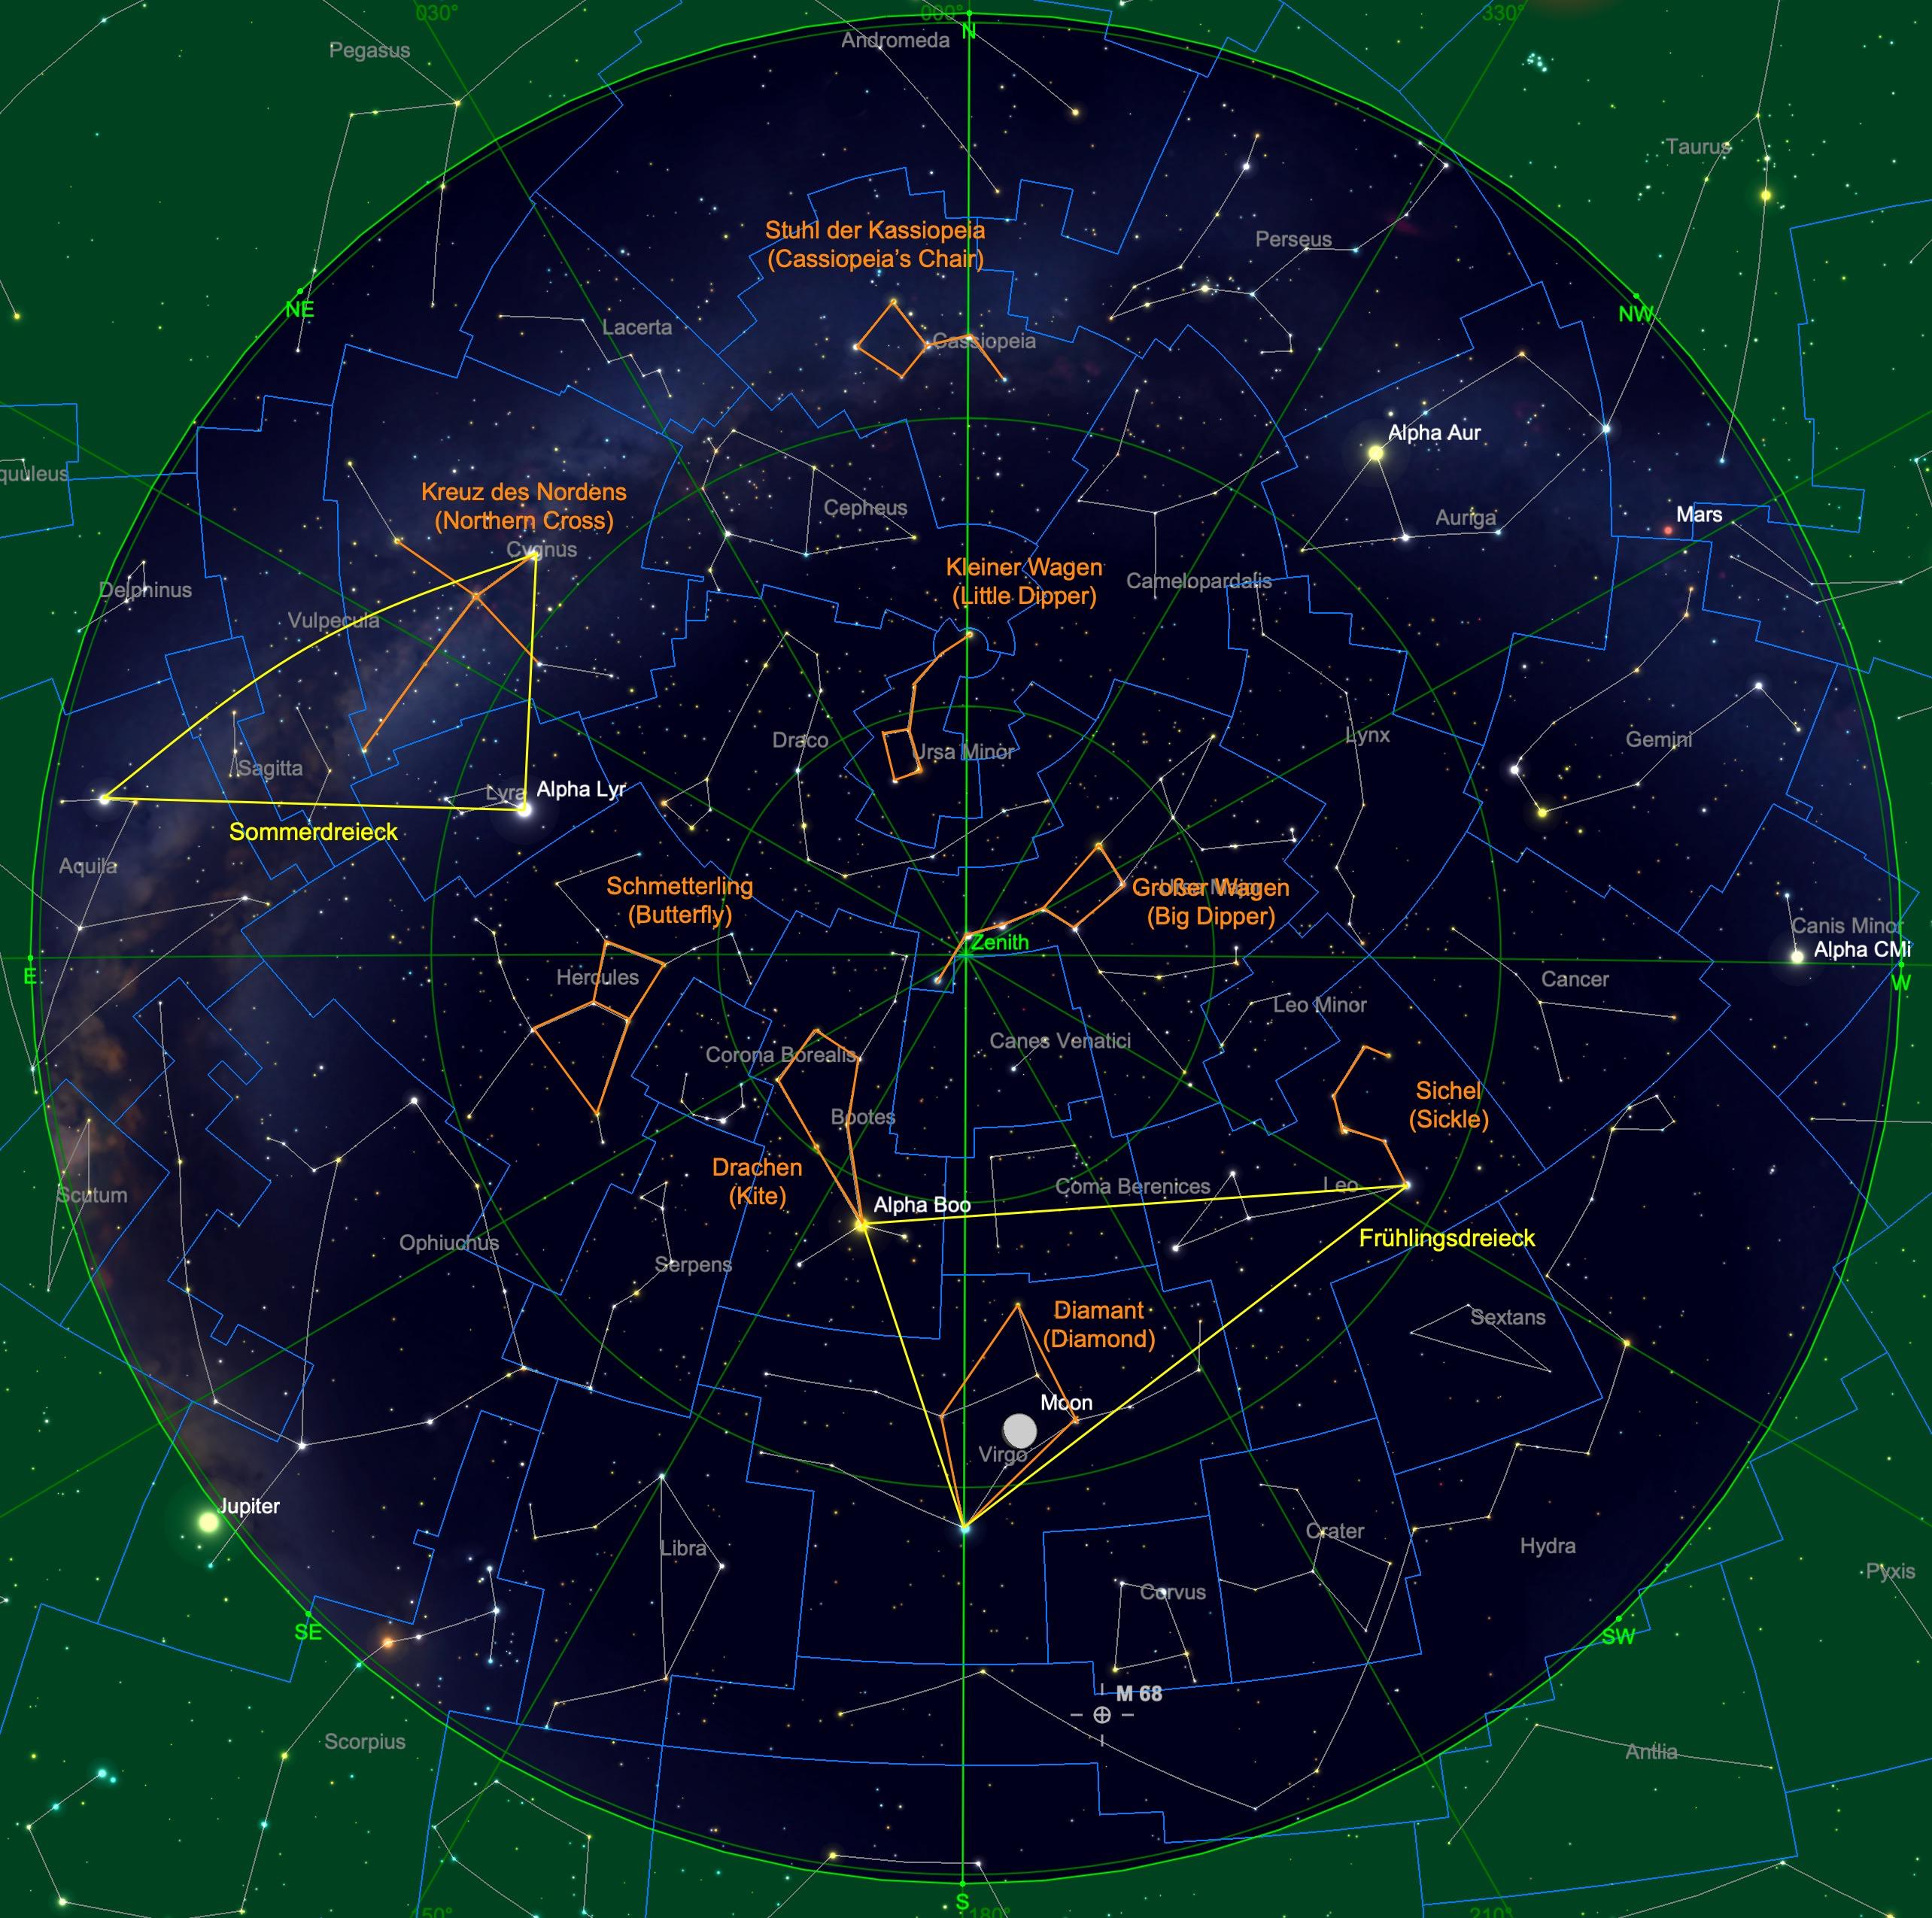 Sternhimmel am 15.04. um 23:00 Uhr